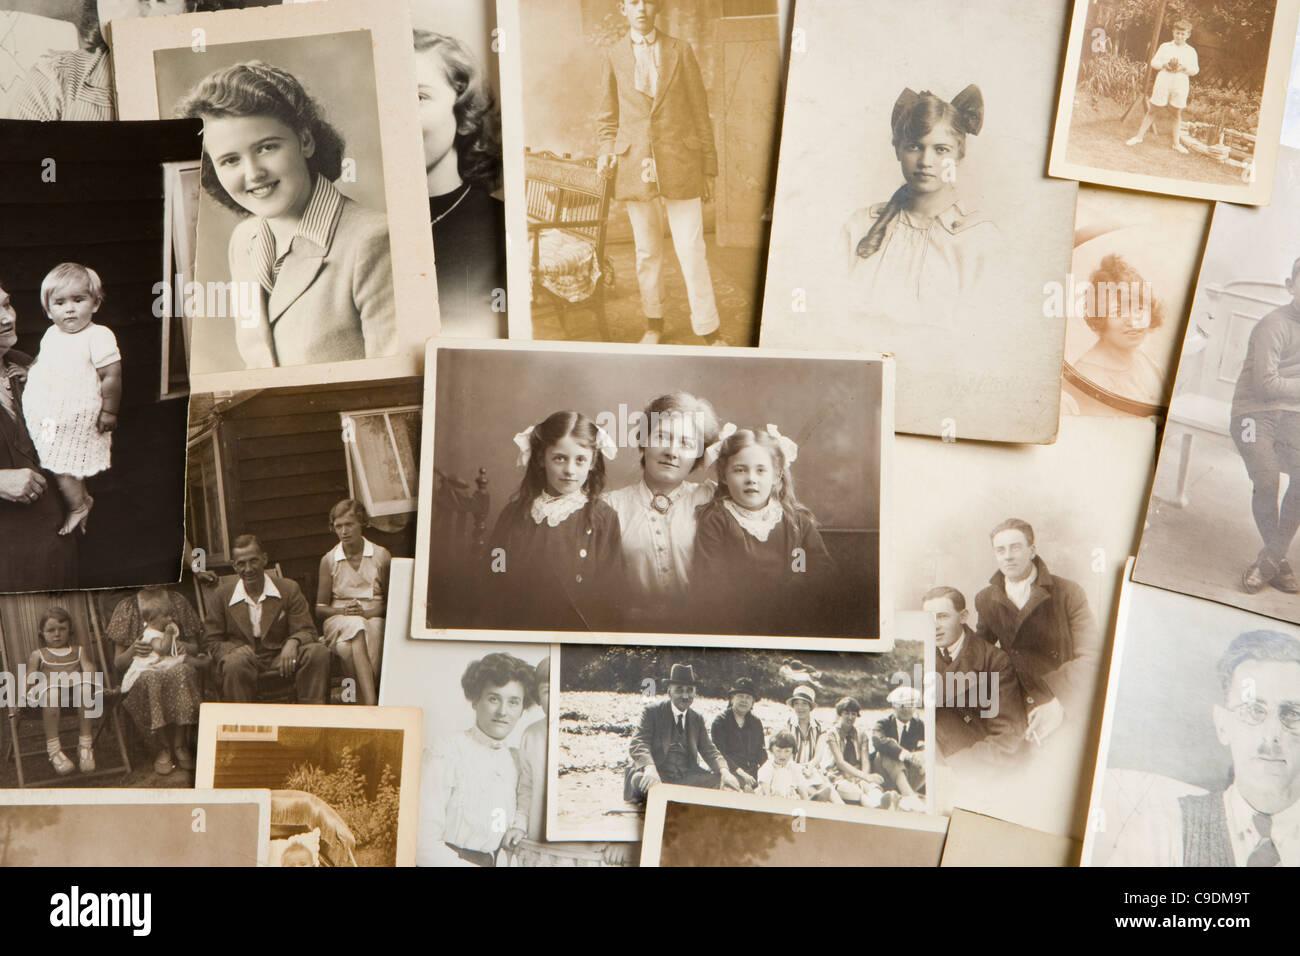 Alte Fotografien. Stockbild